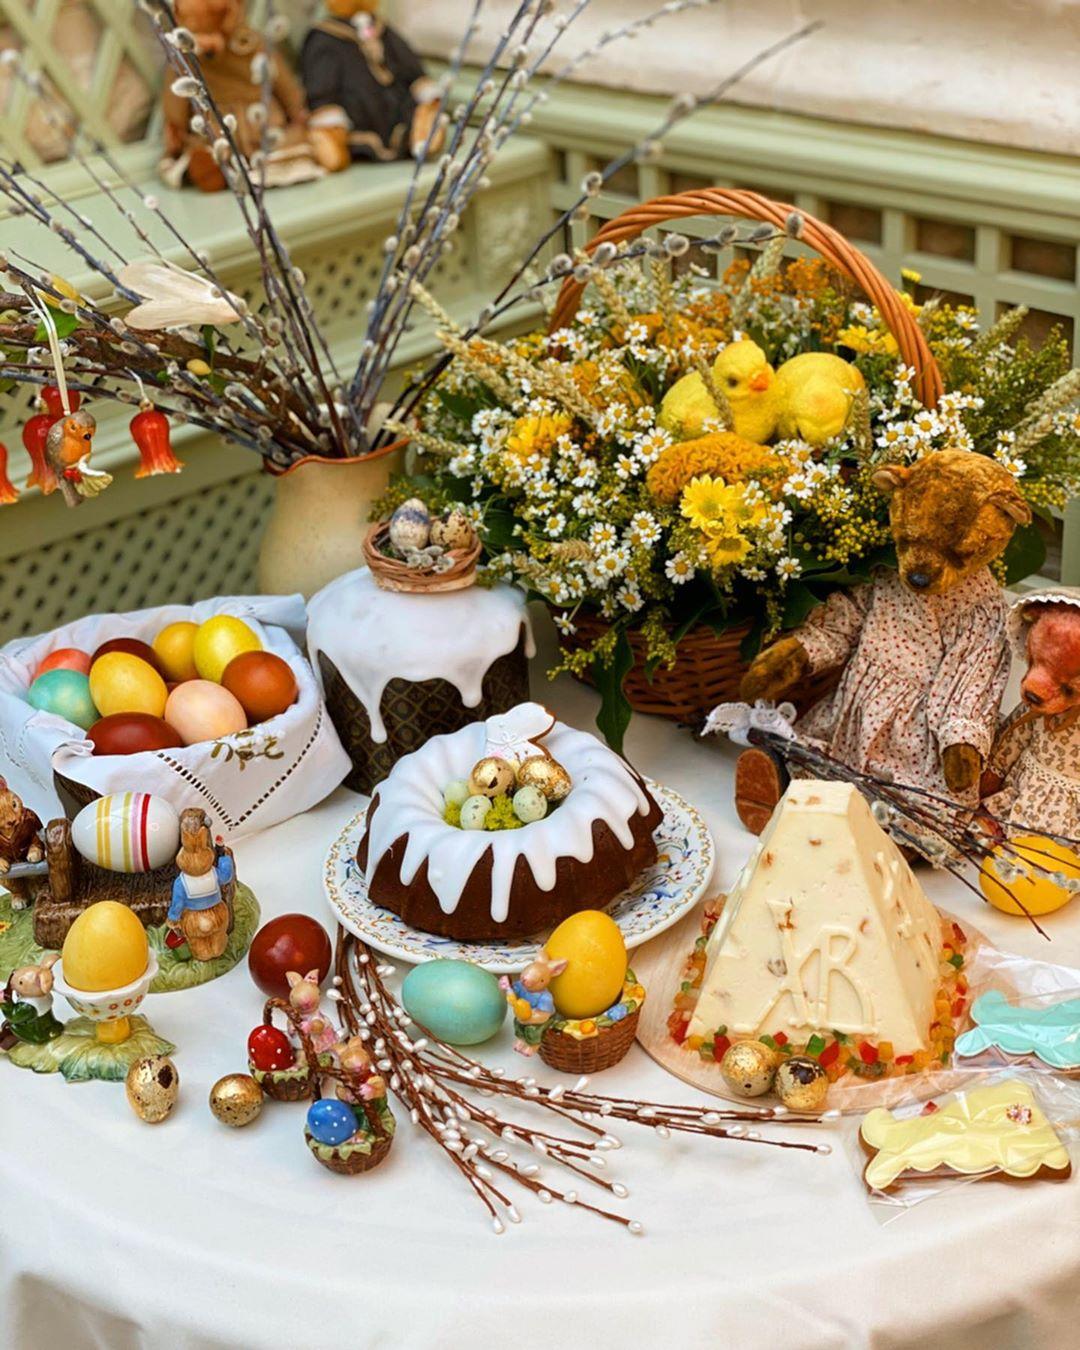 Домашние фото и видео от отечественных звезд о праздновании Пасхи на самоизоляции и поздравление Президента